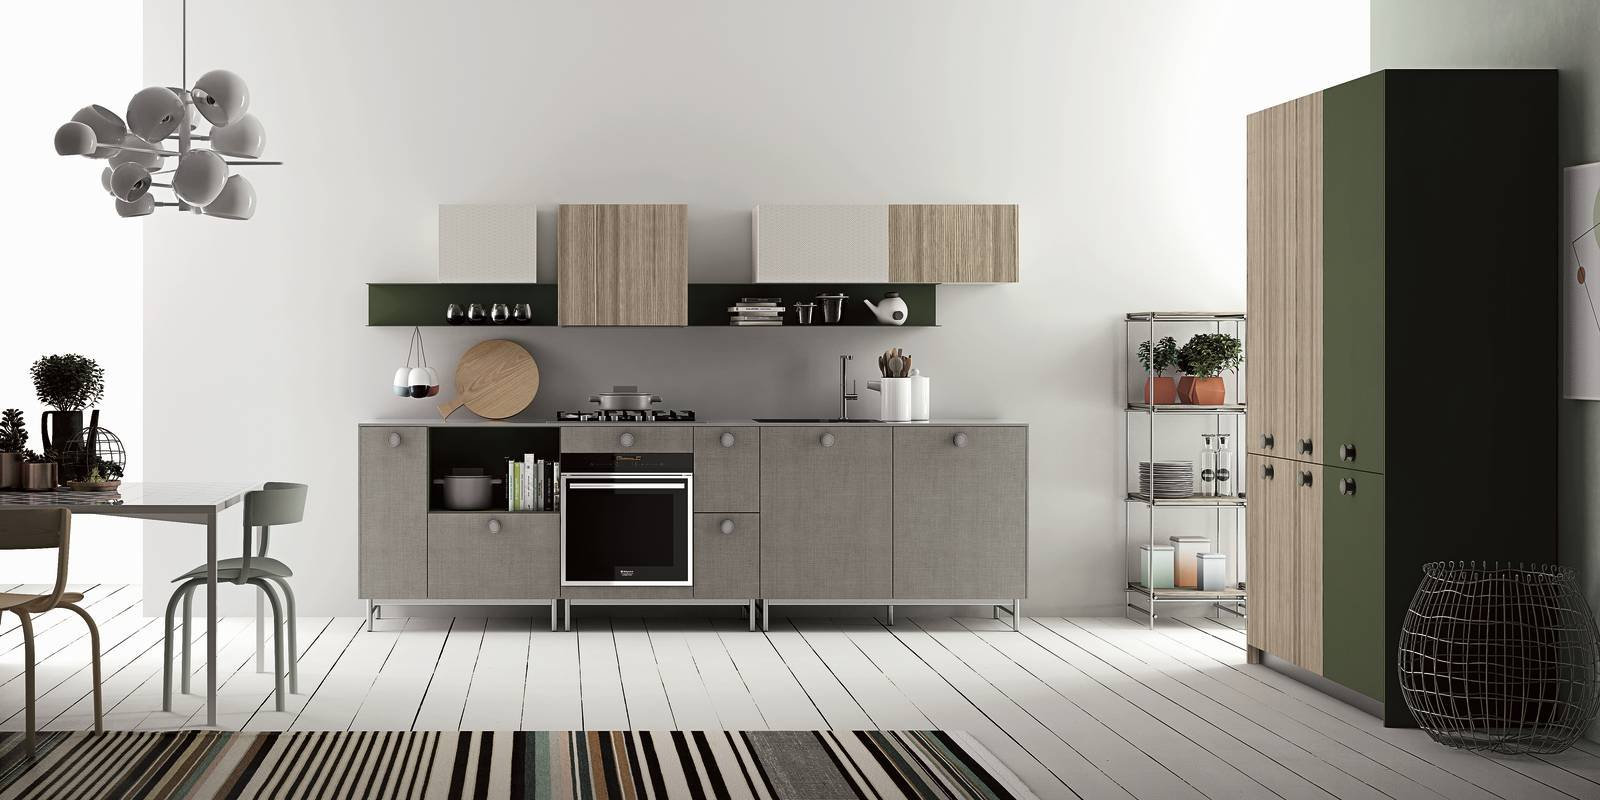 Mini cucina 5 soluzioni per la cucina piccola cose di casa - Soluzioni per la casa ...